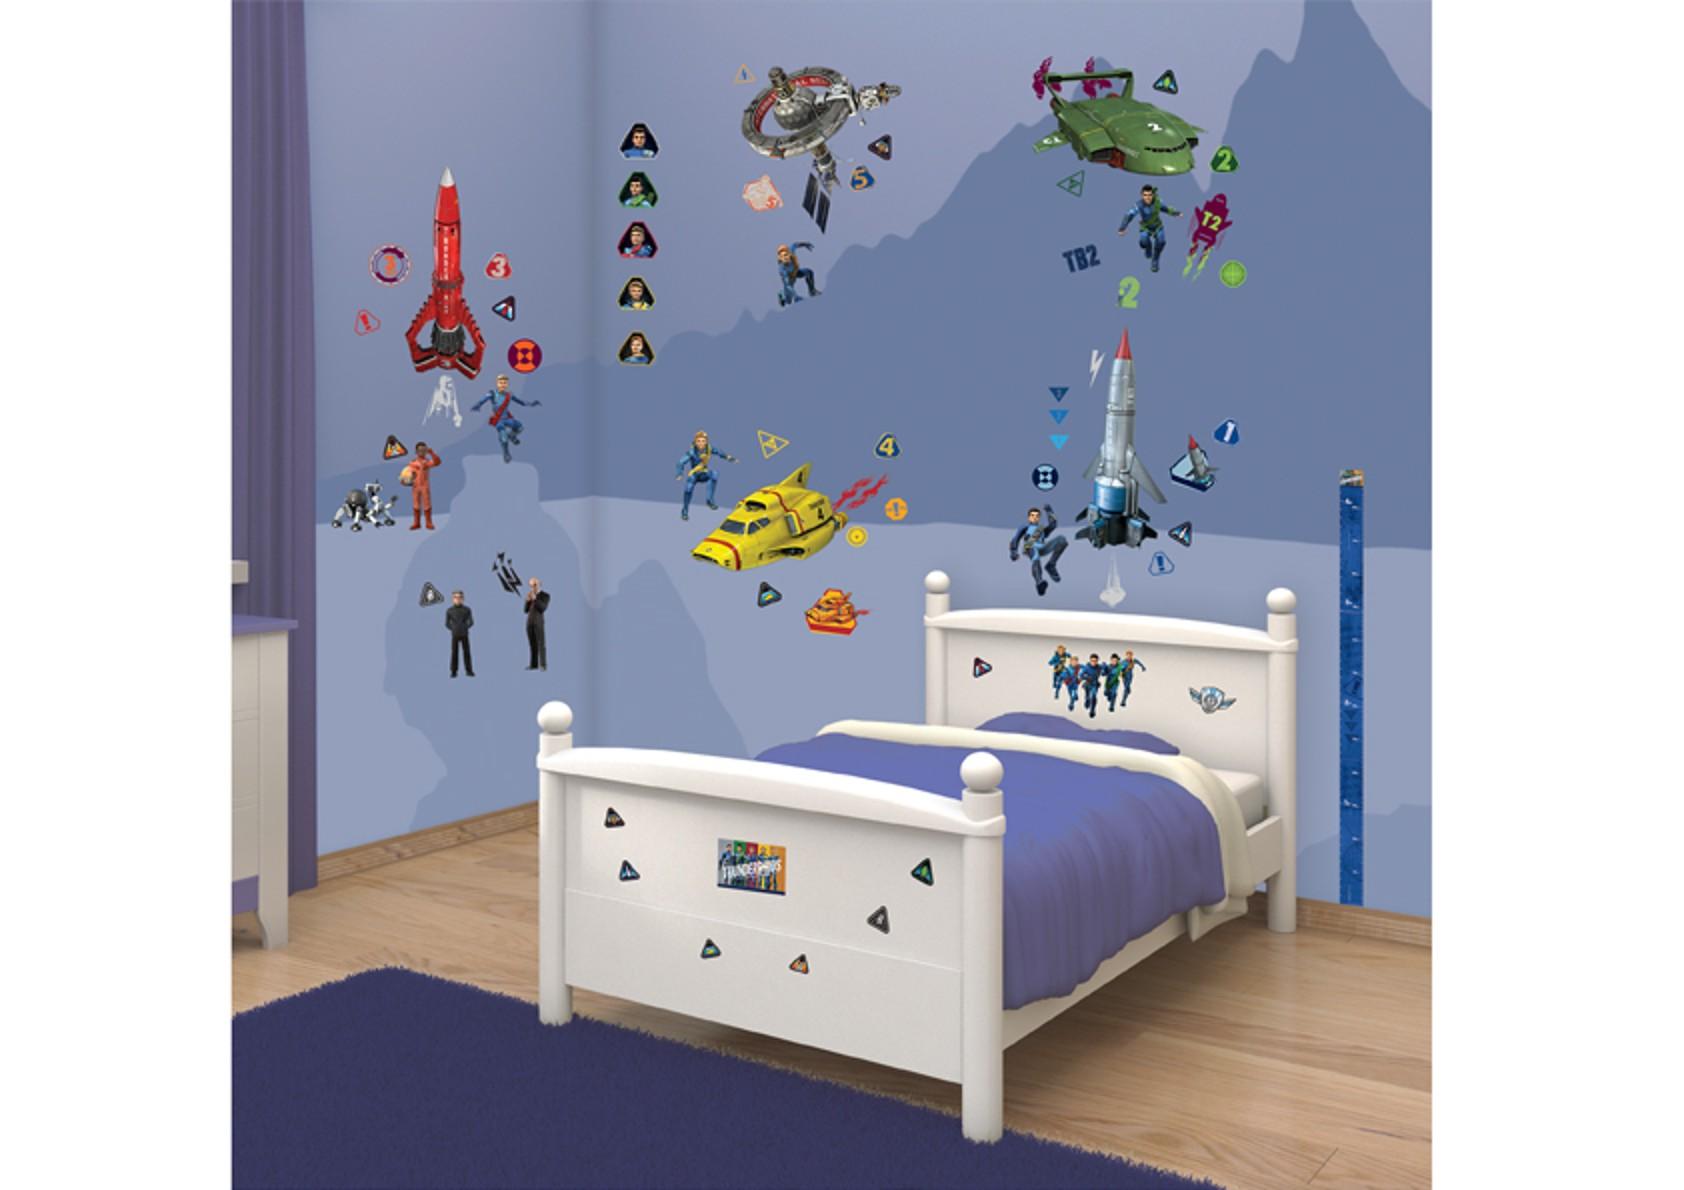 Samolepicí dekorace Walltastic Thunderbirds 34 x 46 cm (Dětské samolepicí dekorace)